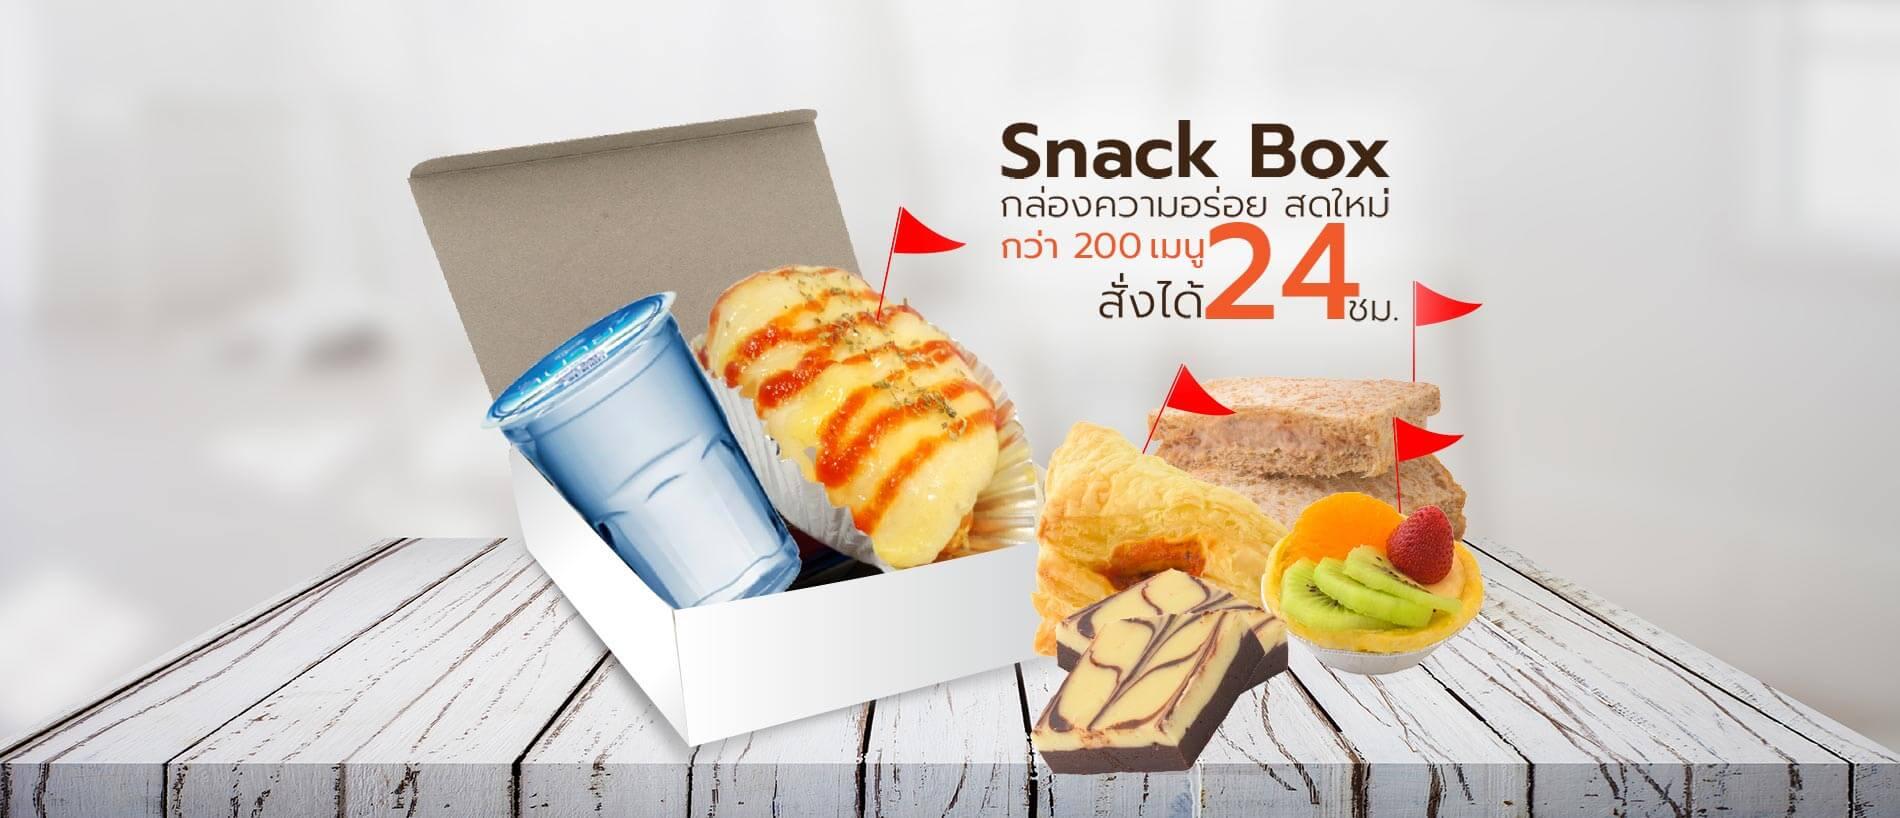 Snack Box ราคา 30 บาท ขนมจัดเบรค ชุดอิ่มเซฟวิ่ง